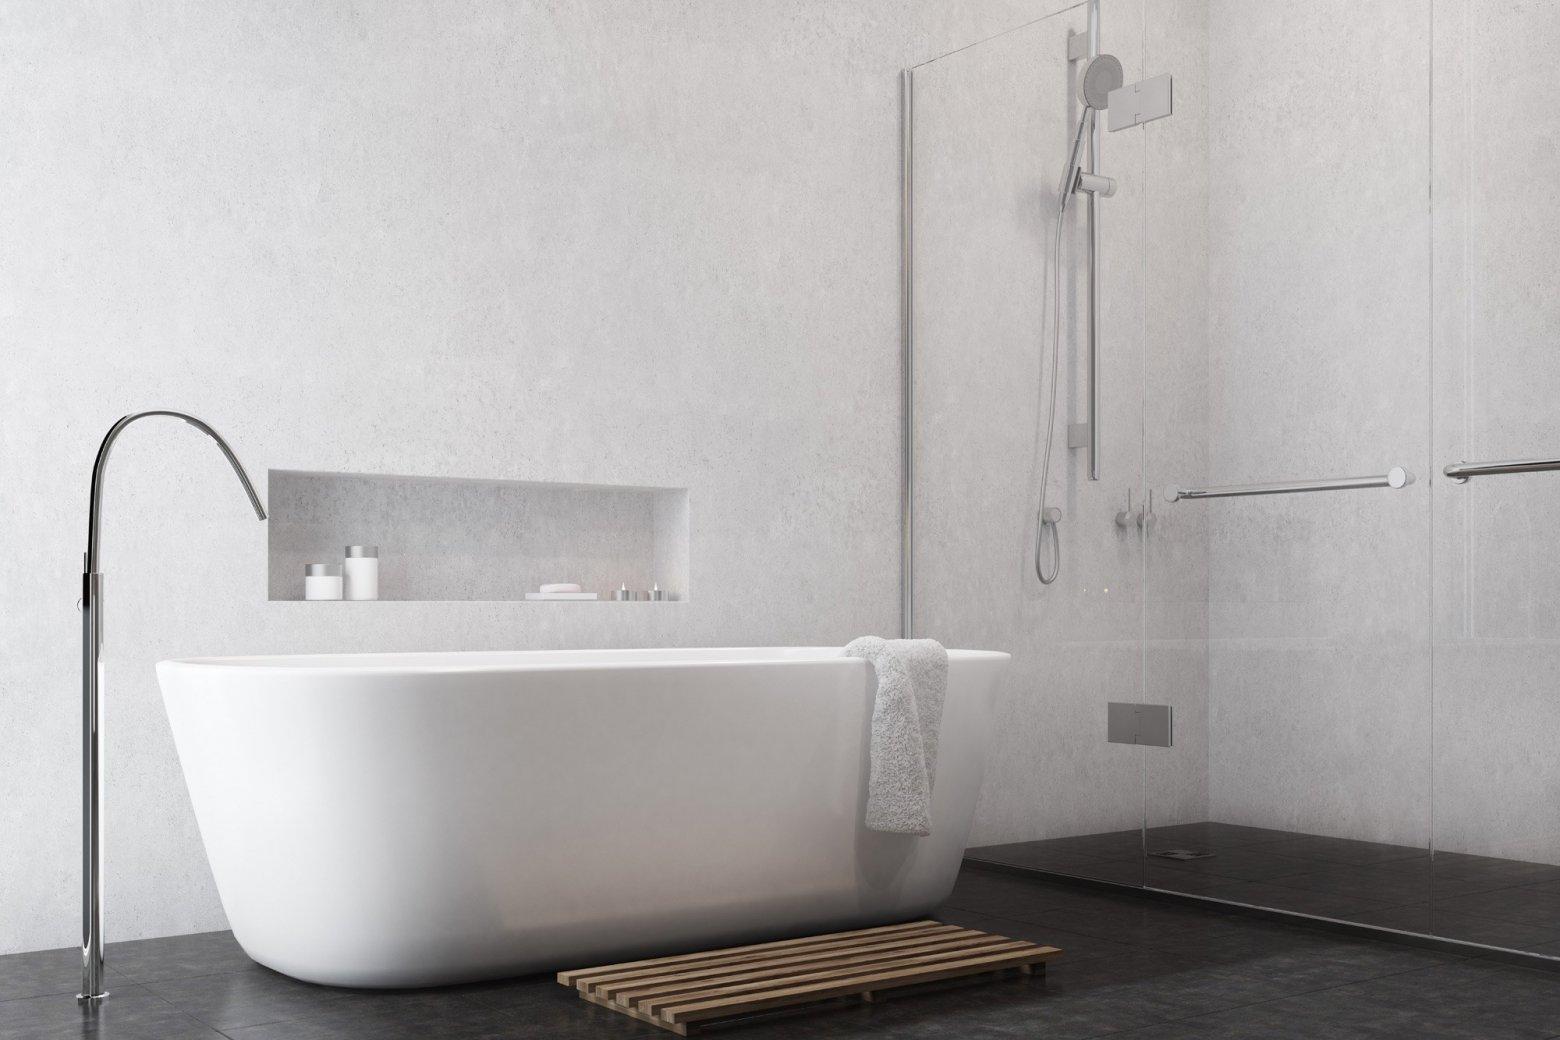 Best Badkamer Renovatie Ideas - Ideeën Voor Thuis - ibarakijets.org